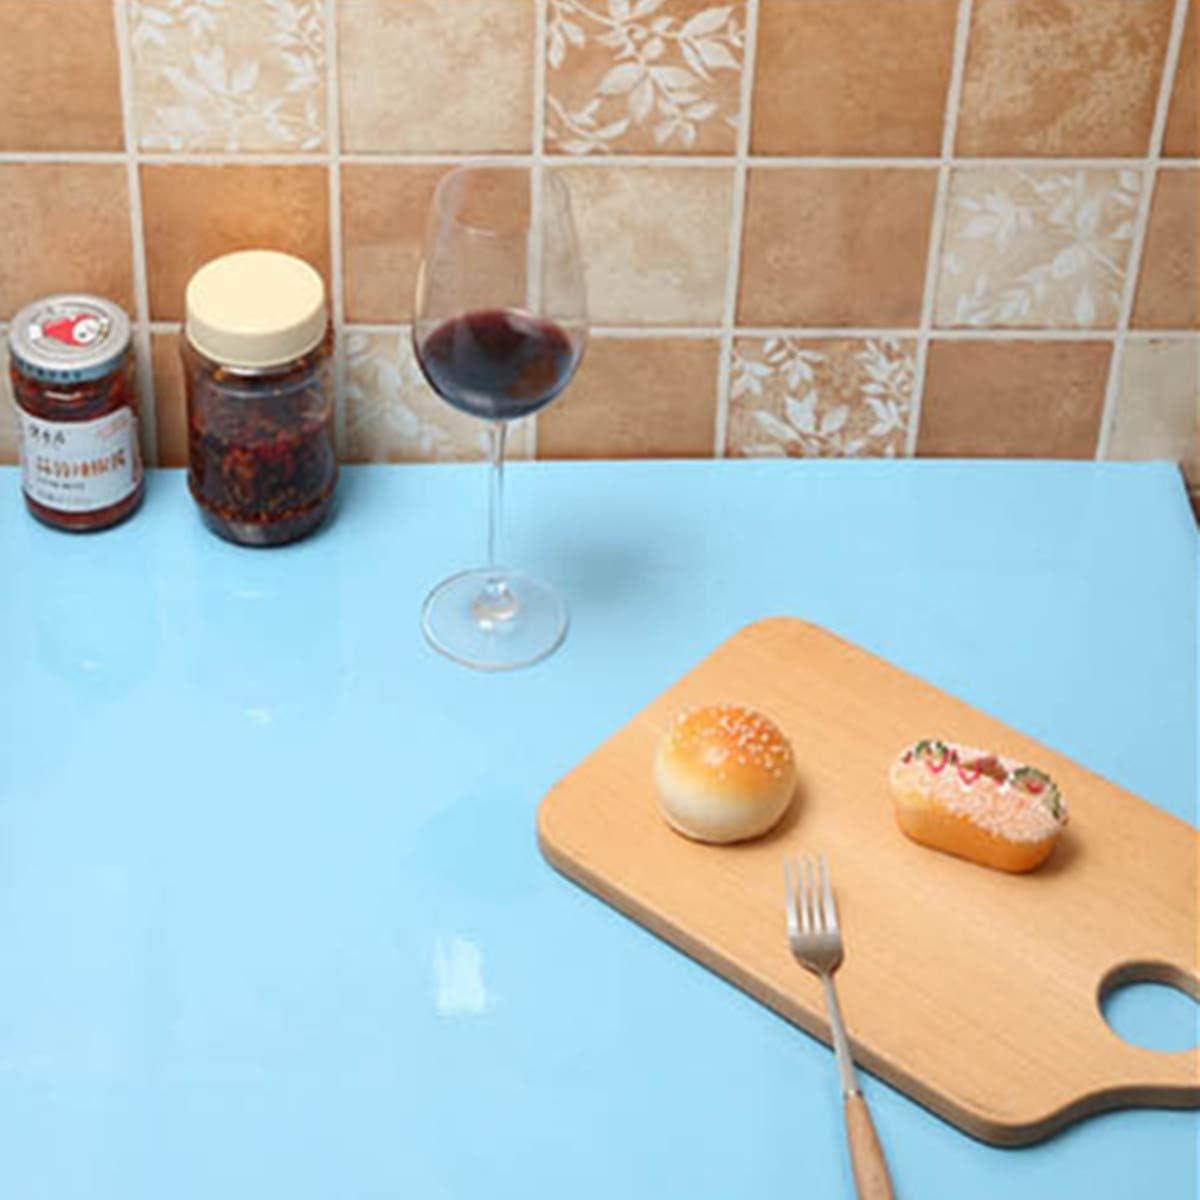 Stickers Meuble 40cmX600cm,Vinyle,Autocollants Meuble Papier Adhesif pour Meuble,Cuisine,Porte,Mur Blanc